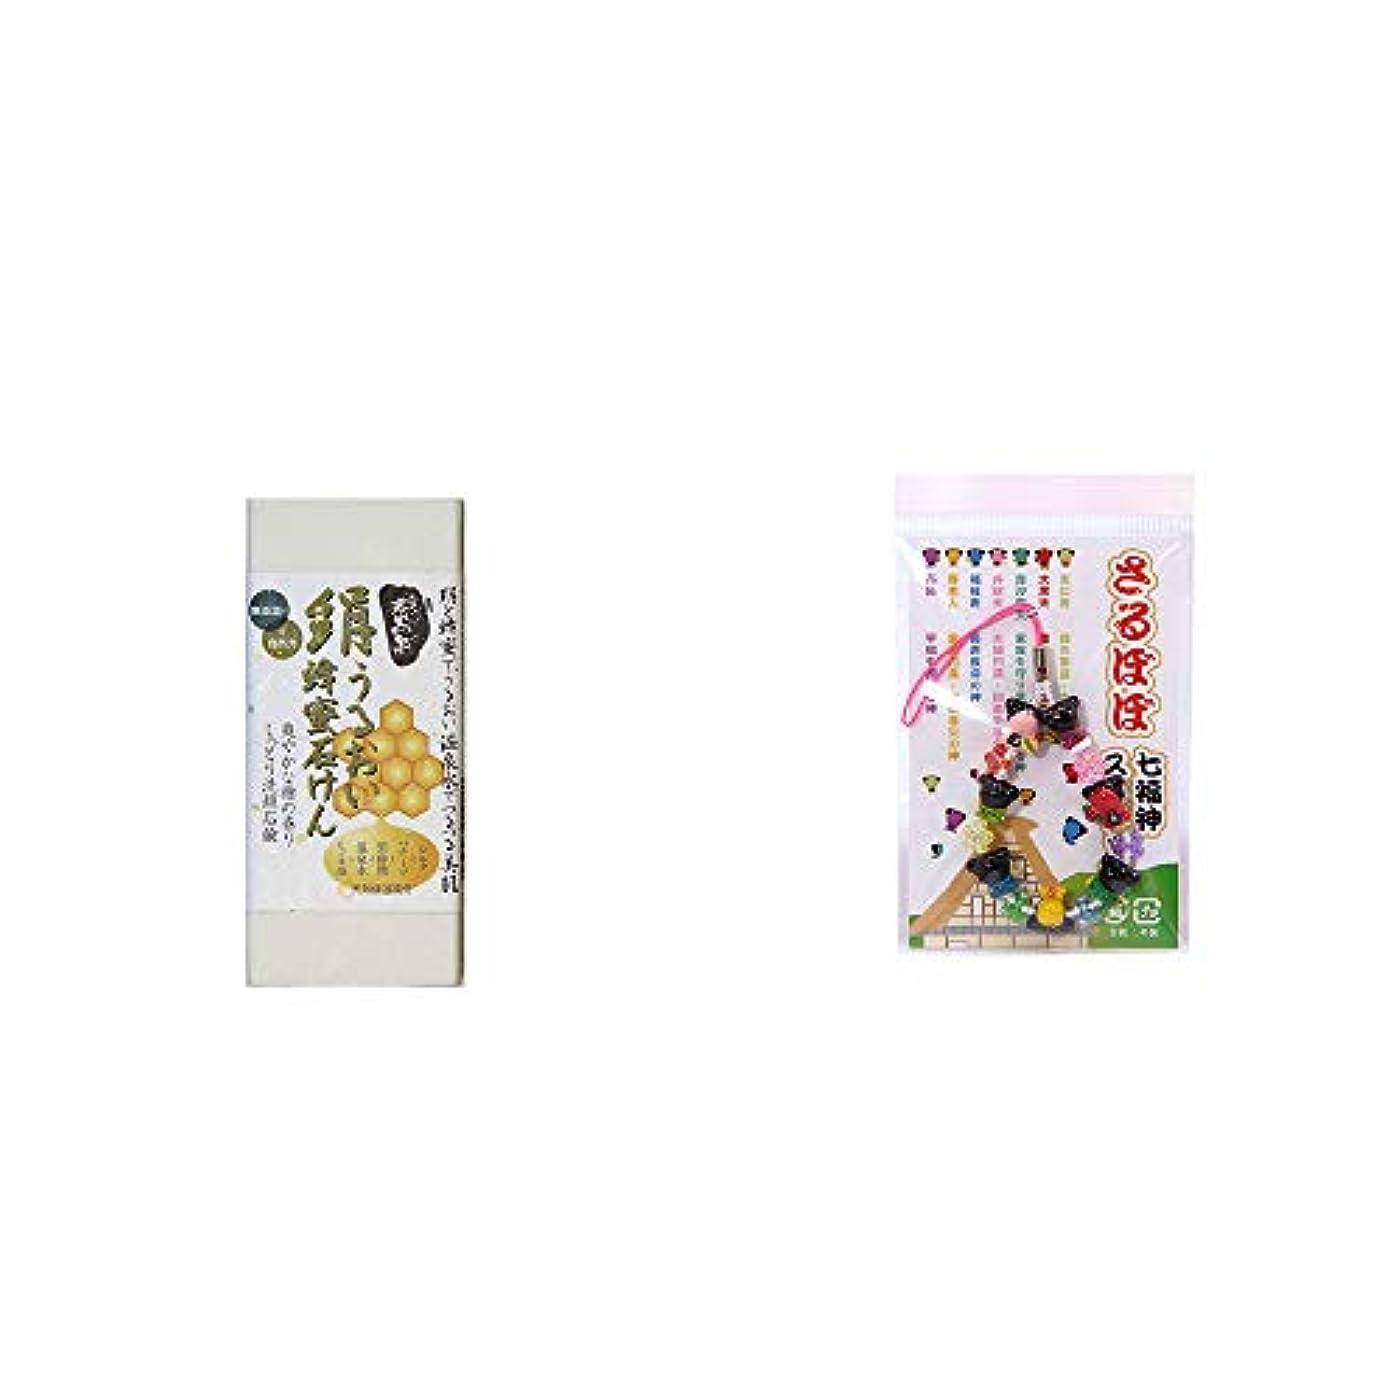 圧倒する巻き取り一般的な[2点セット] ひのき炭黒泉 絹うるおい蜂蜜石けん(75g×2)?さるぼぼ七福神ストラップ/縁結び?魔除け //